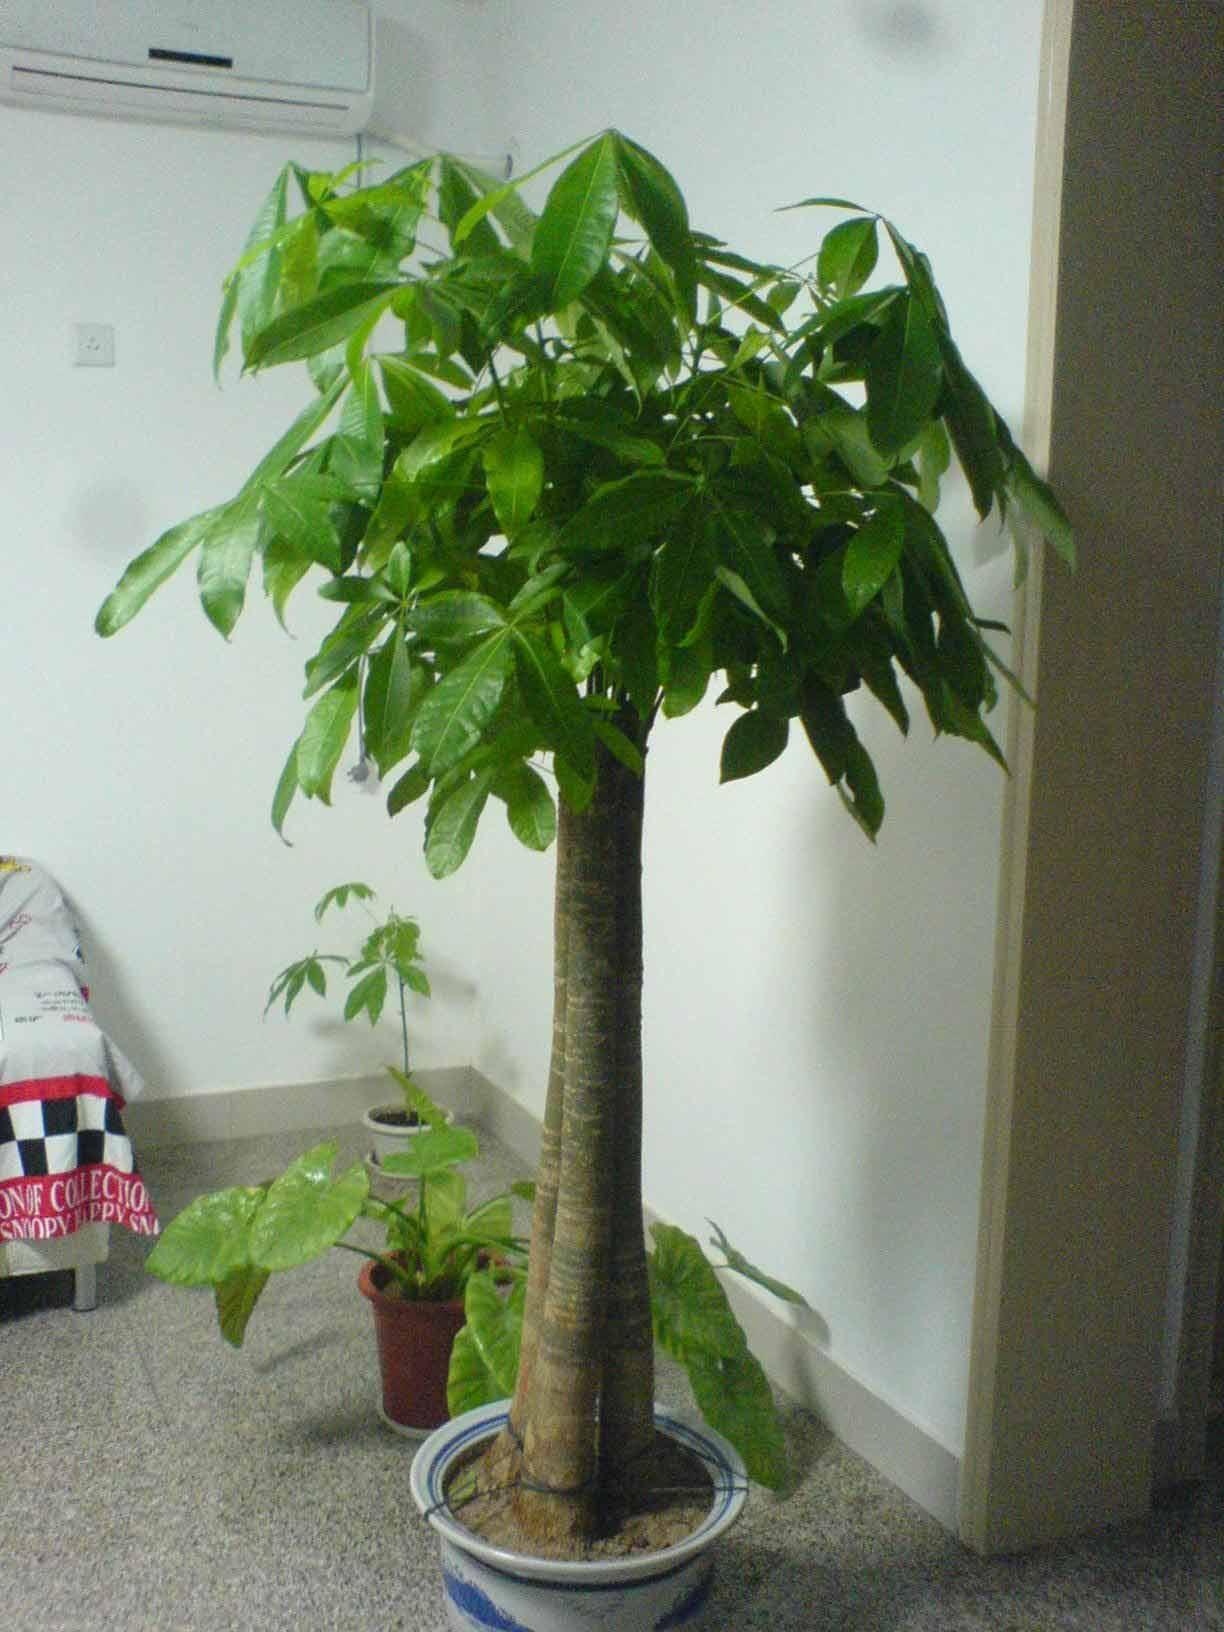 吸收甲醛的室内植物_新家吸甲醛,摆哪些植物比较好? - 装修保障网